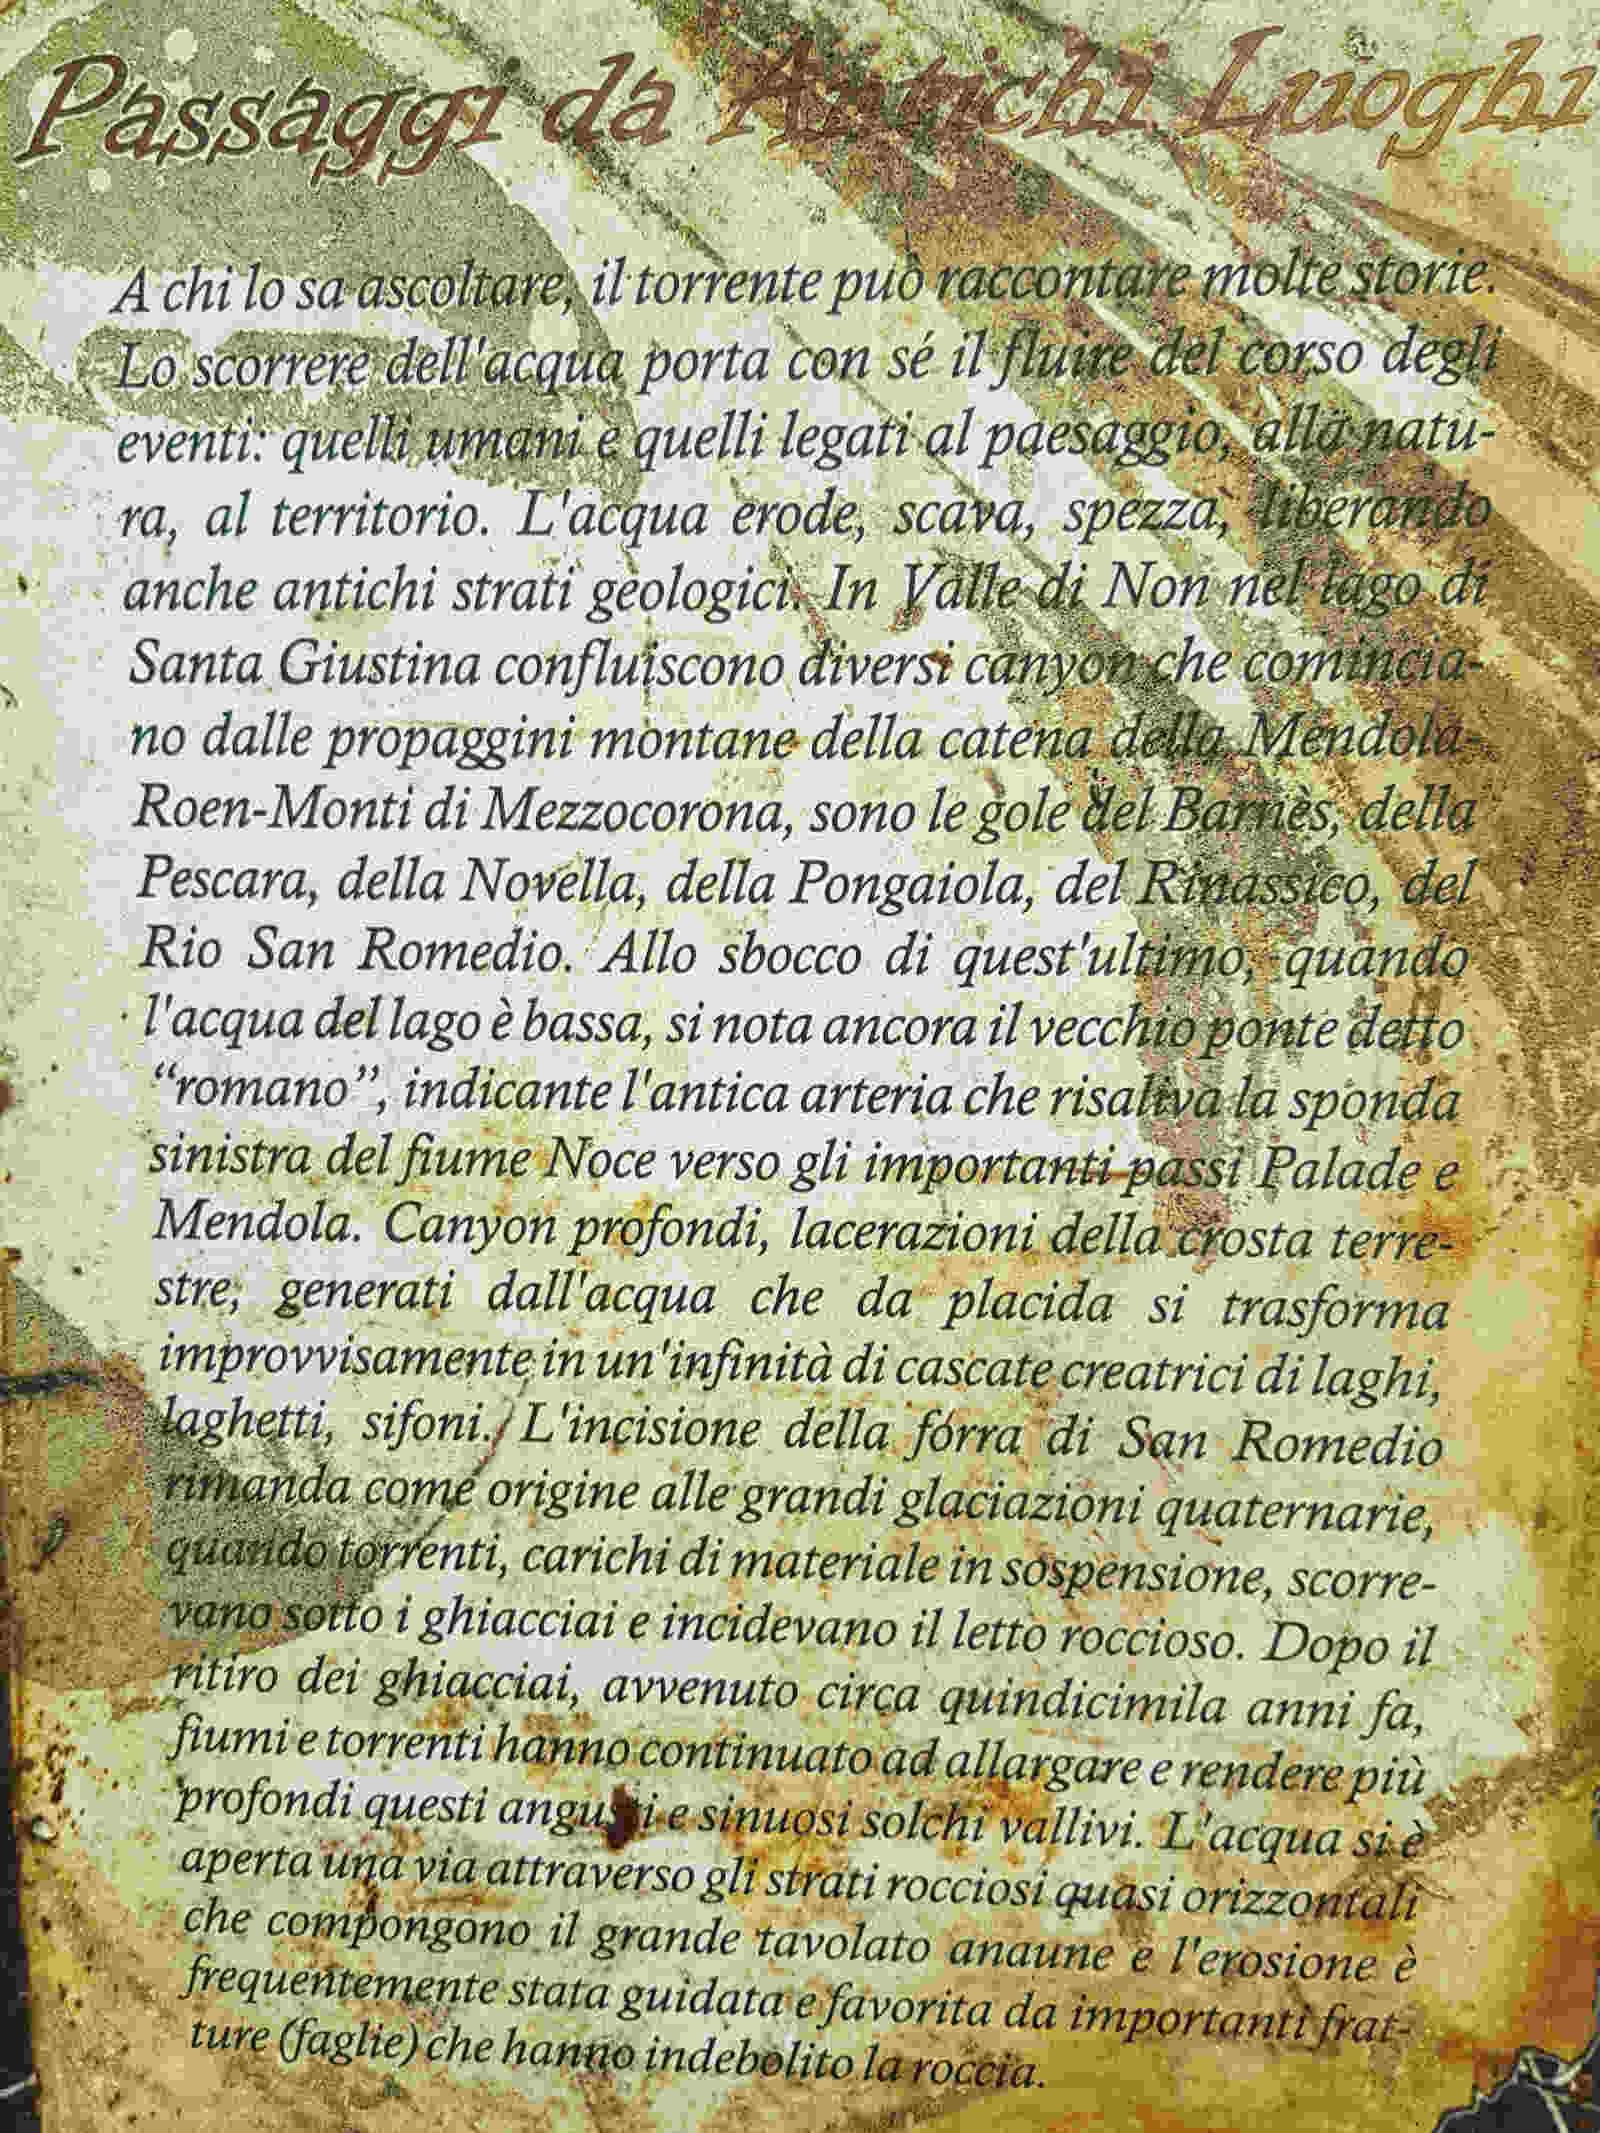 Cartellonistica esplicativa lungo la passeggiata di San Romedio nella forra